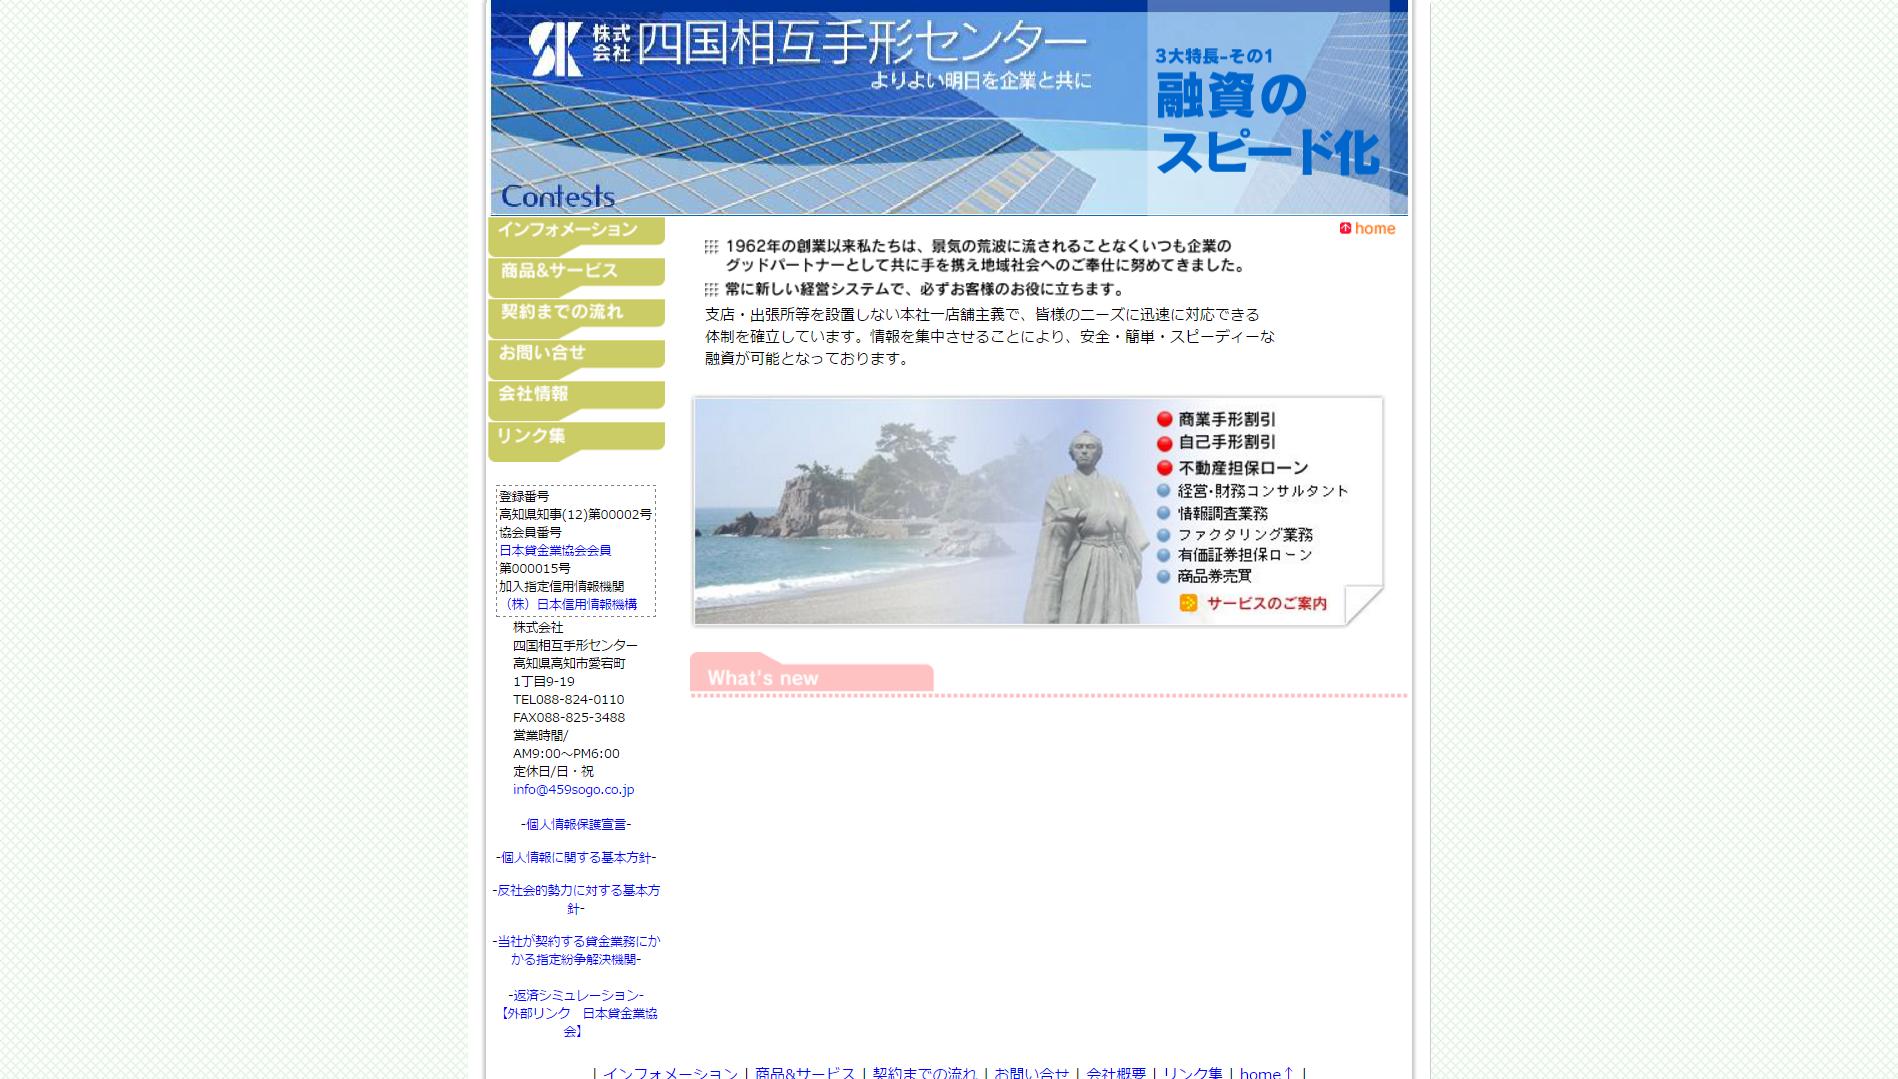 四国相互手形センター(高知県高知市愛宕町)